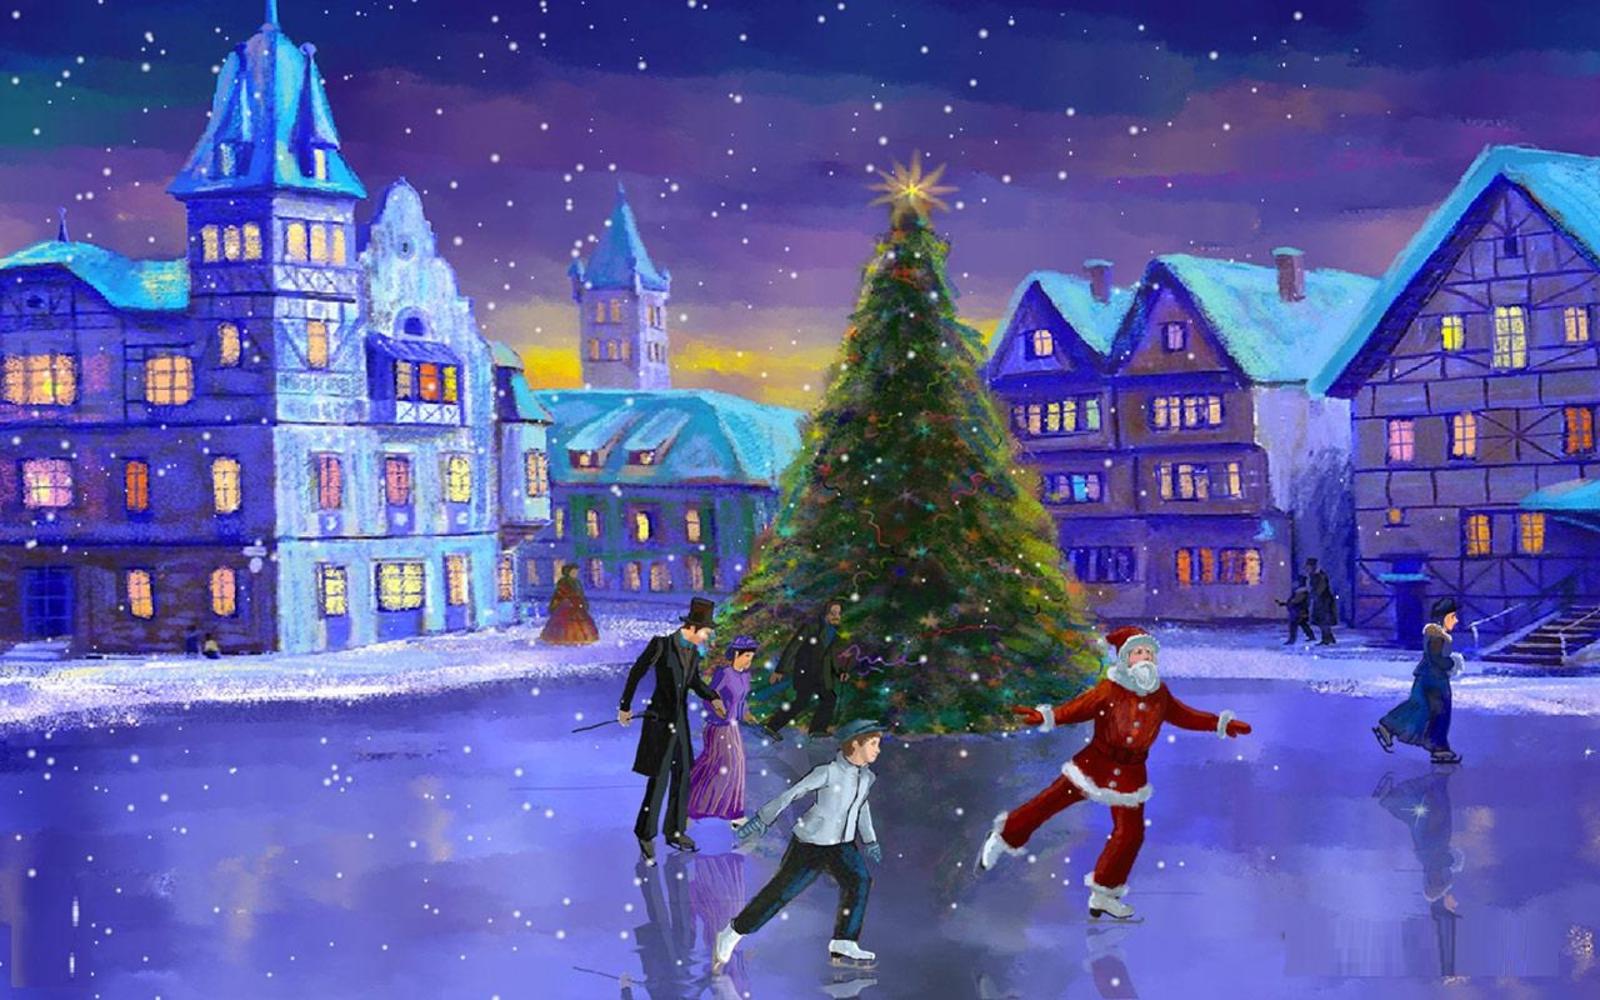 Christmas Screensavers Christmas Screensavers Hd Christmas 1600x1000